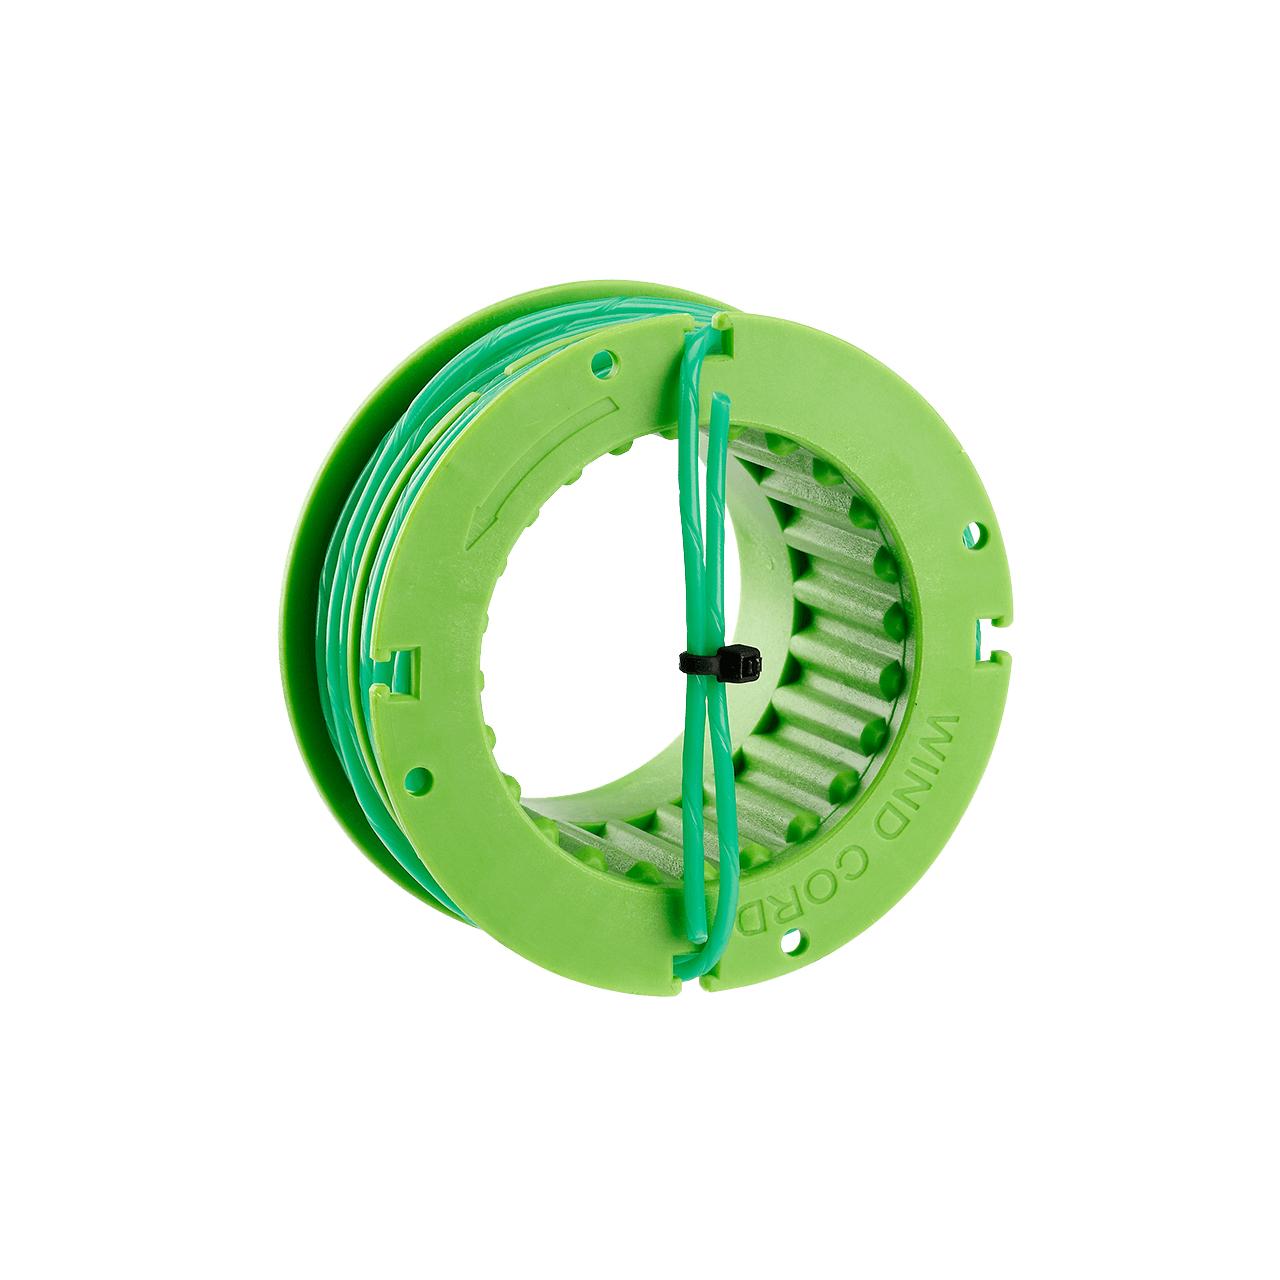 Rasentrimmerspule AS1302 mit 2,0 mm Twist-Faden für ST1300E, 7 Meter Fadenlänge